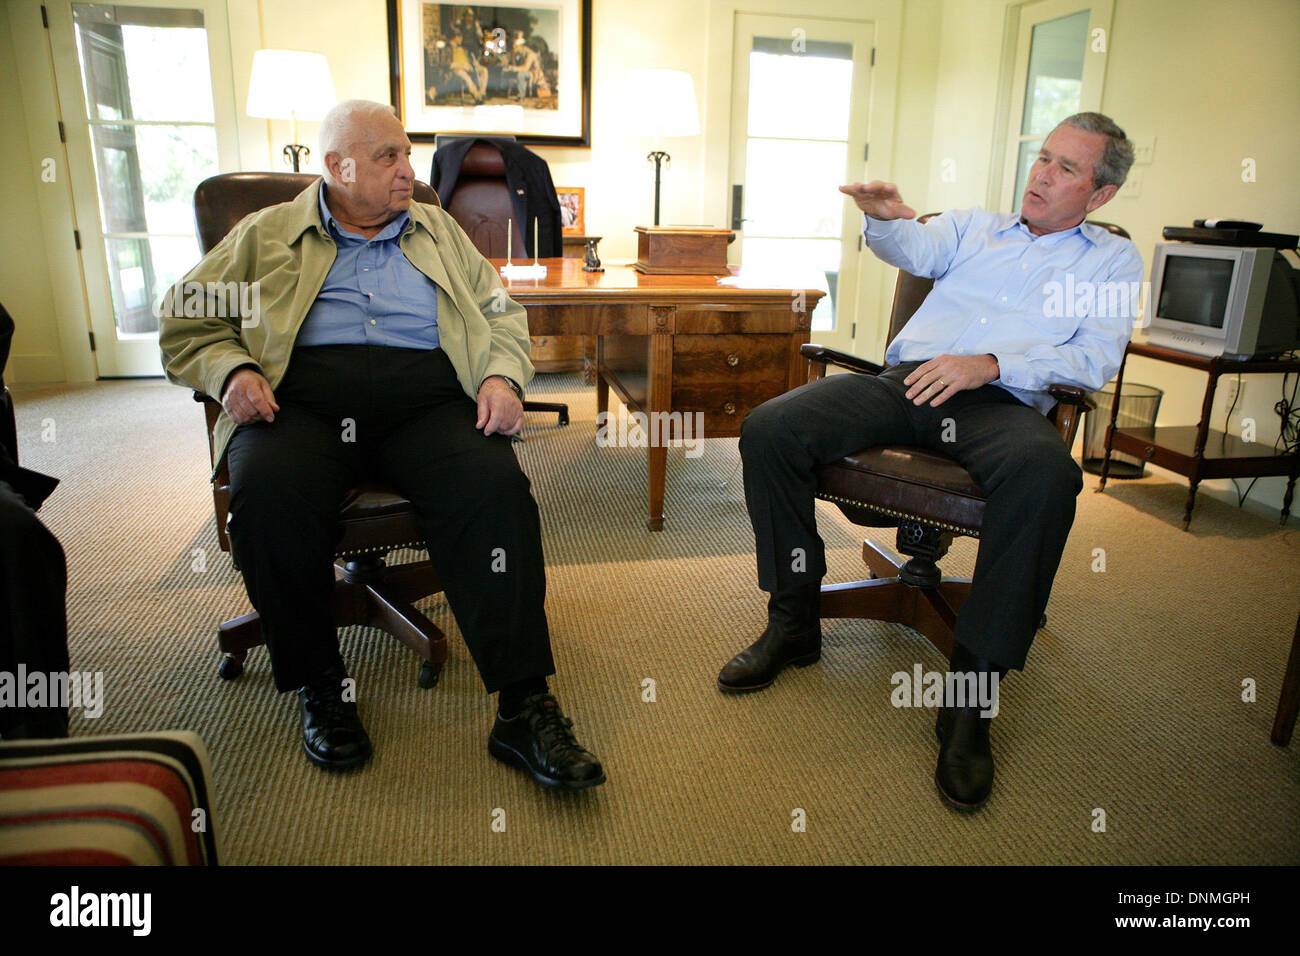 Il Presidente degli Stati Uniti George Bush sottolinea un punto come egli condivide un momento con il Primo Ministro Ariel Sharon di Israele durante Sharon's visita lunedì, 11 aprile 2005, il Presidente nel suo ranch a Crawford, Texas. Credito: Eric Draper - White House via CNP Immagini Stock